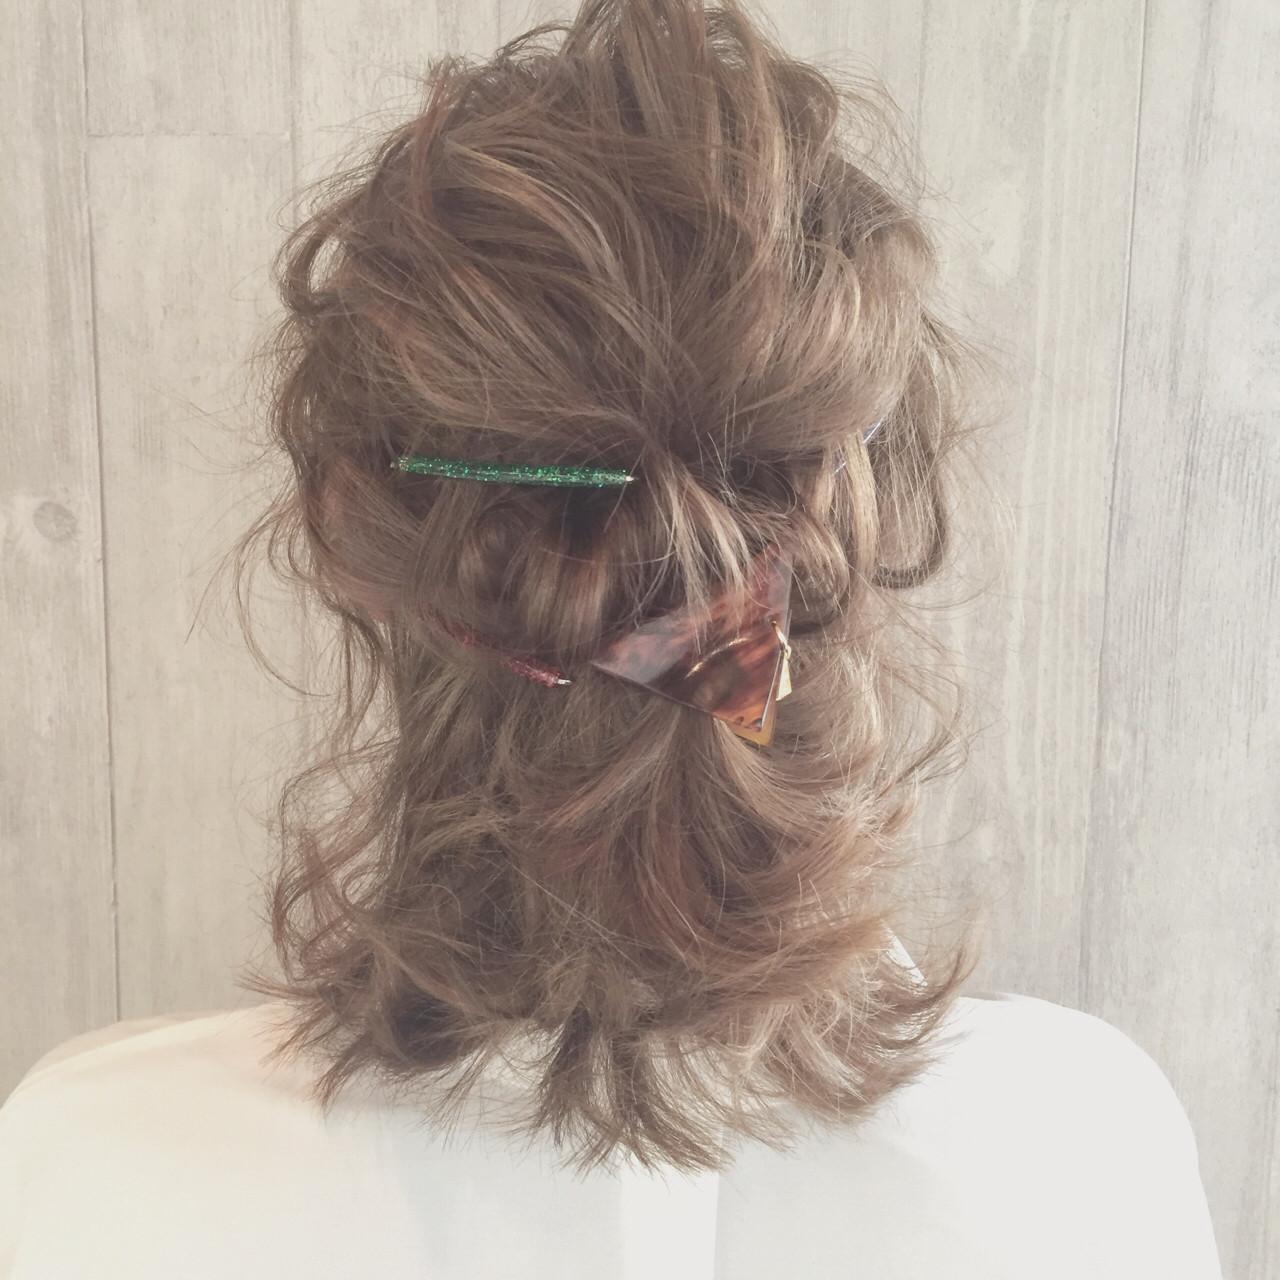 ゆるふわ ミルクティー ハーフアップ 波ウェーブ ヘアスタイルや髪型の写真・画像